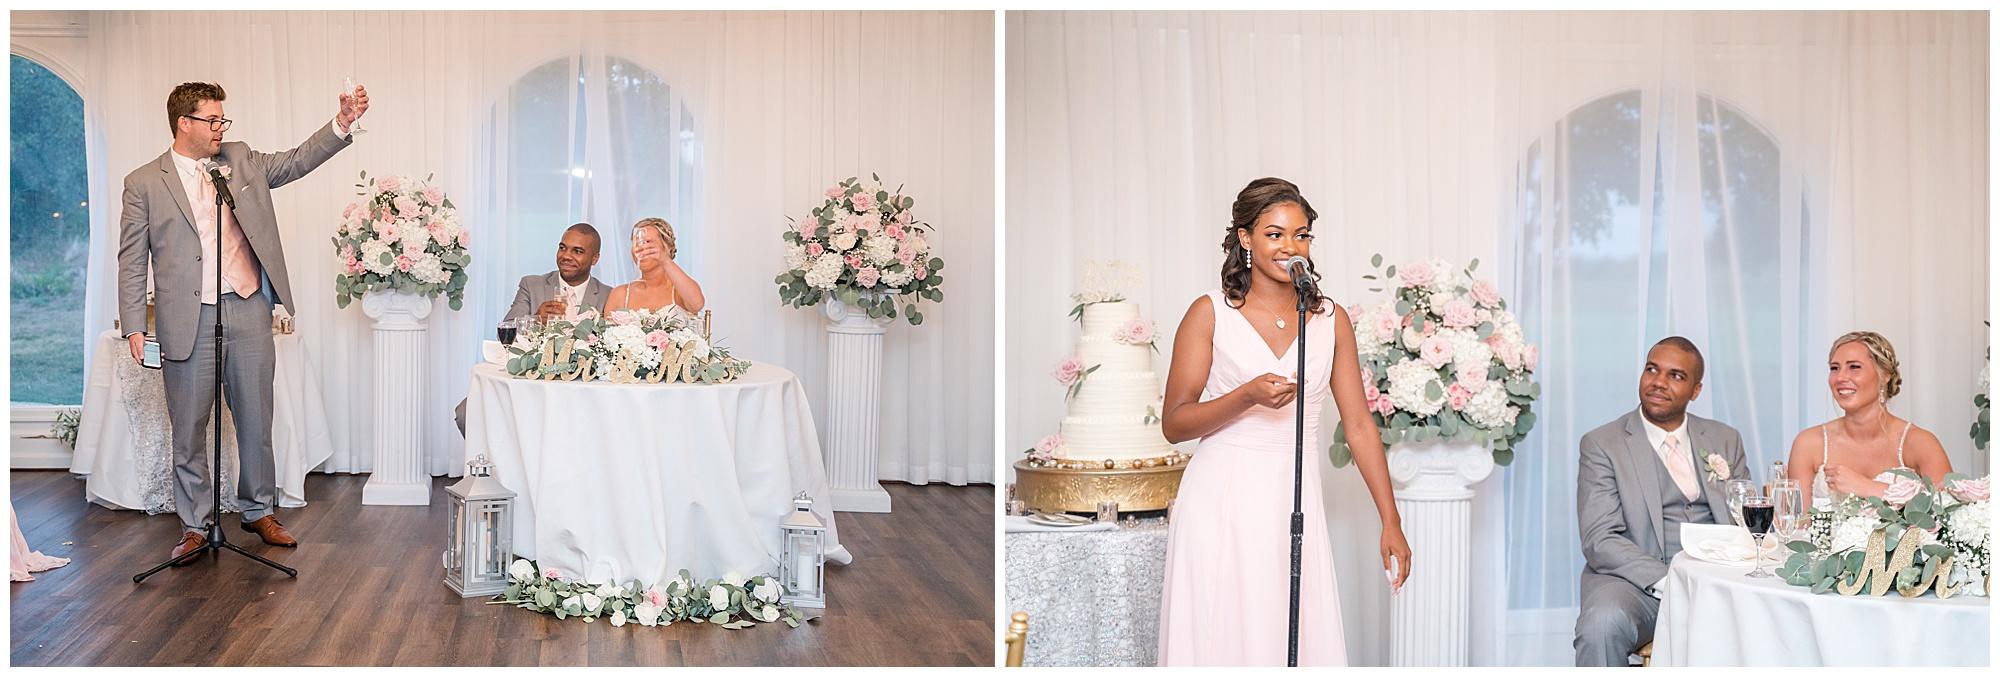 wedding photography loudoun county